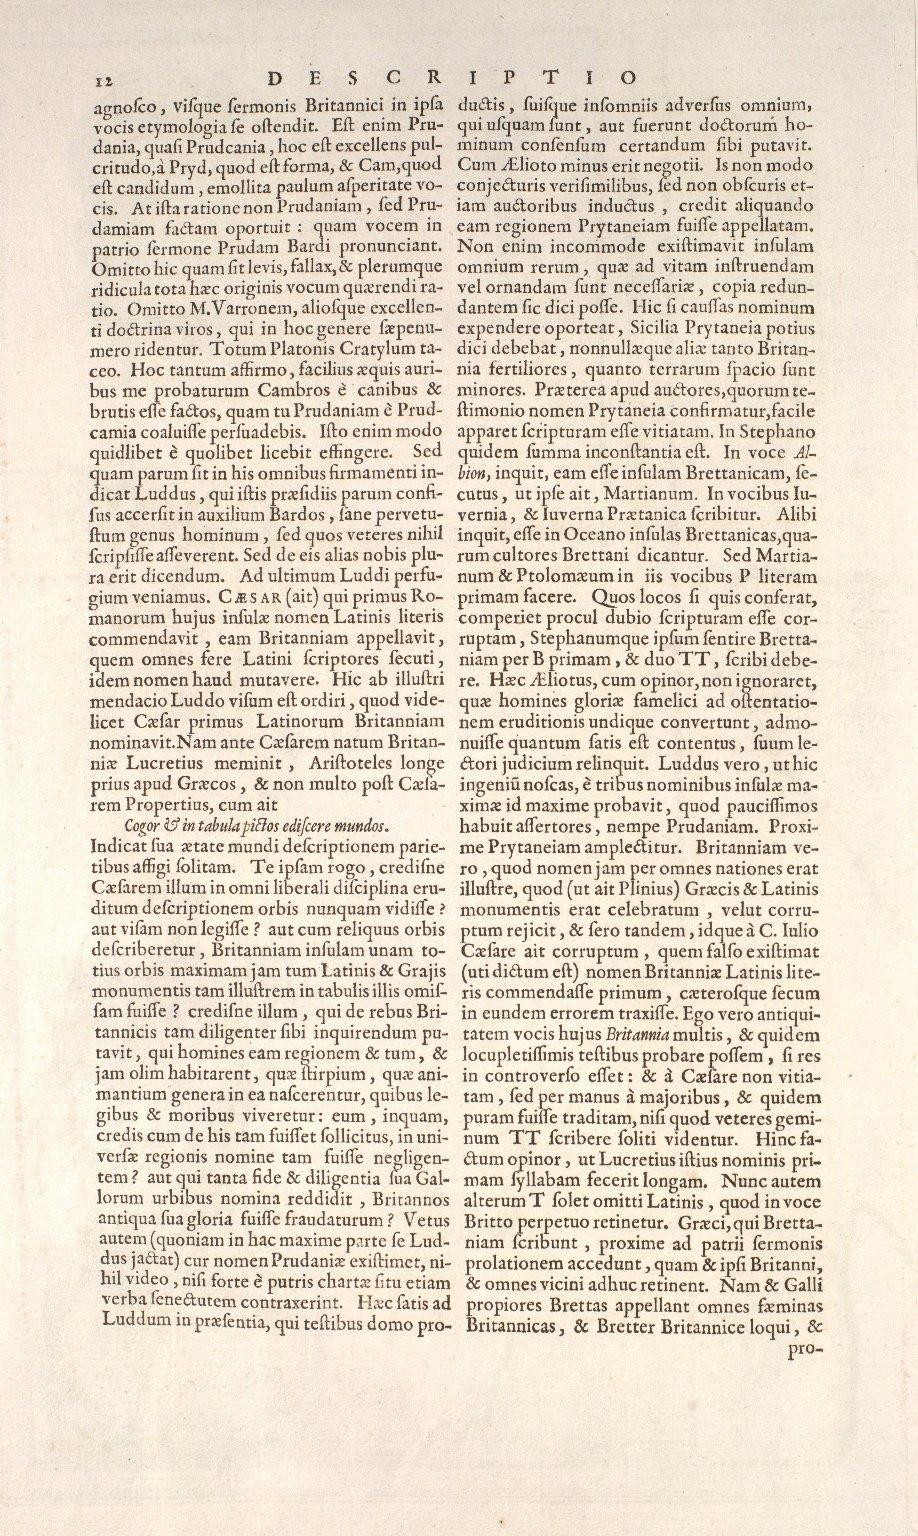 Scotia regnum cum insulis adjacentibus [3 of 3]